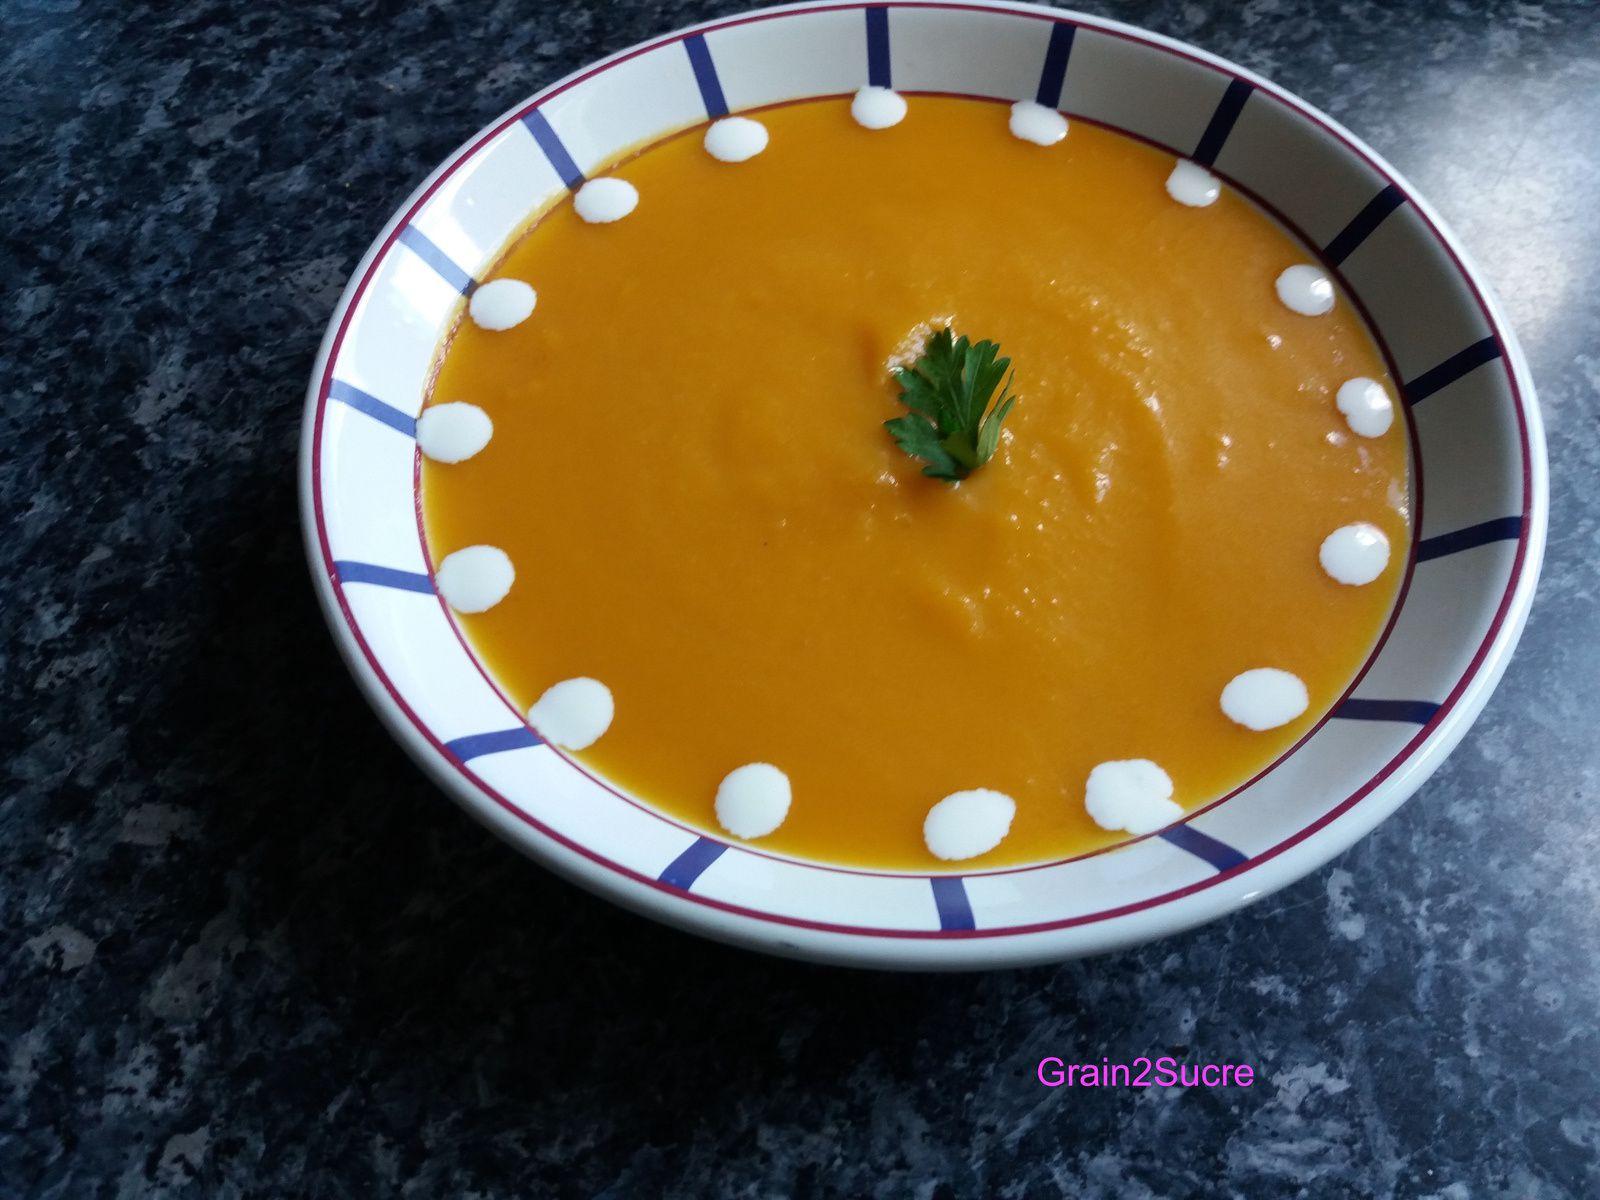 Grain2Sucre. Recette. Velouté de potimarron, potimarron, oignon, échalotes, sel, poivre, beurre, huile d'olive